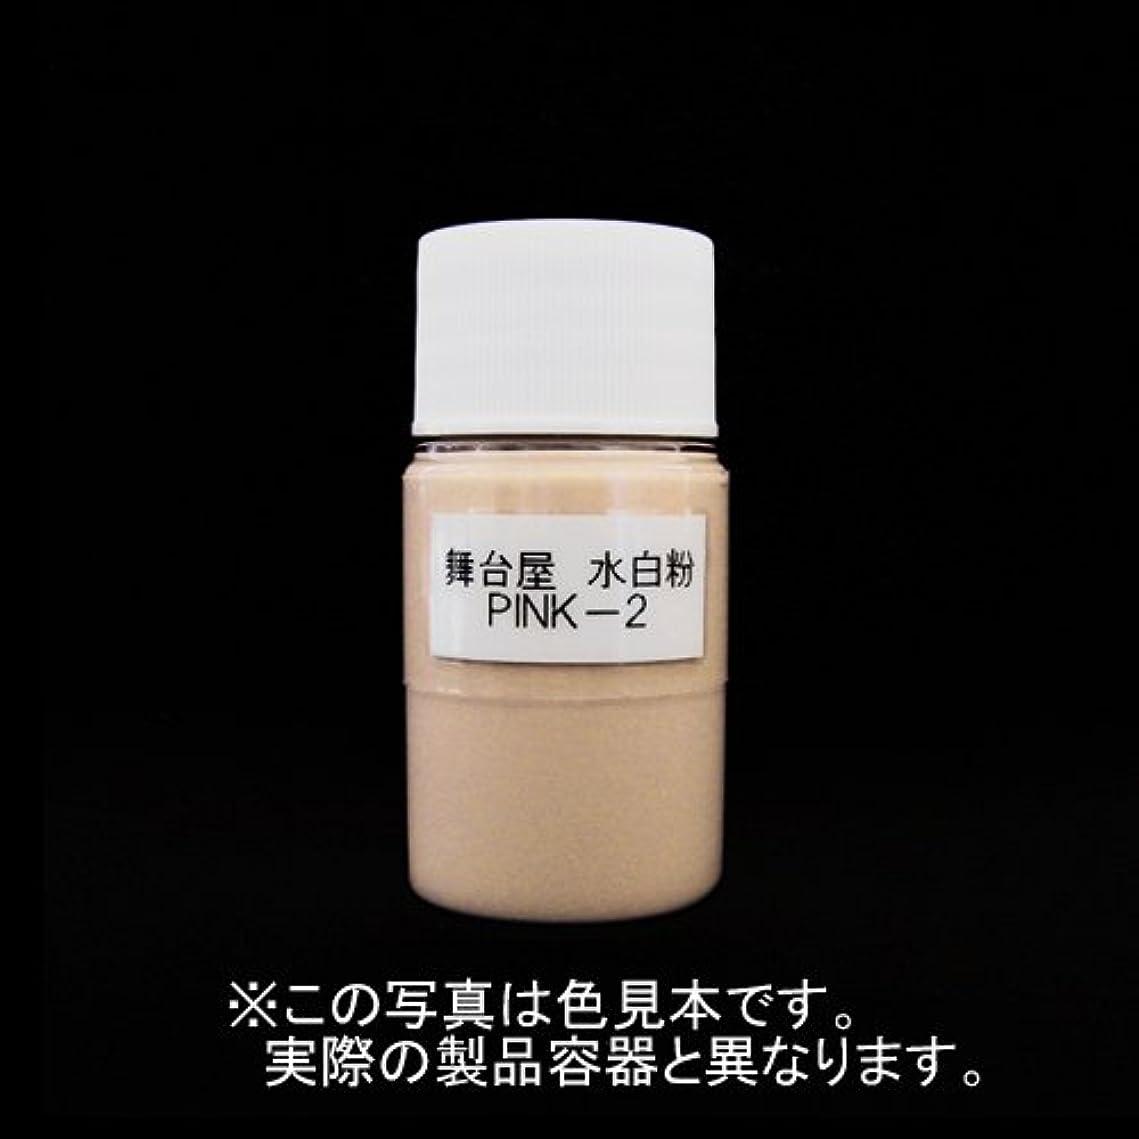 幻滅助けになる足舞台屋 水白粉(みずおしろい) (PINK-2)